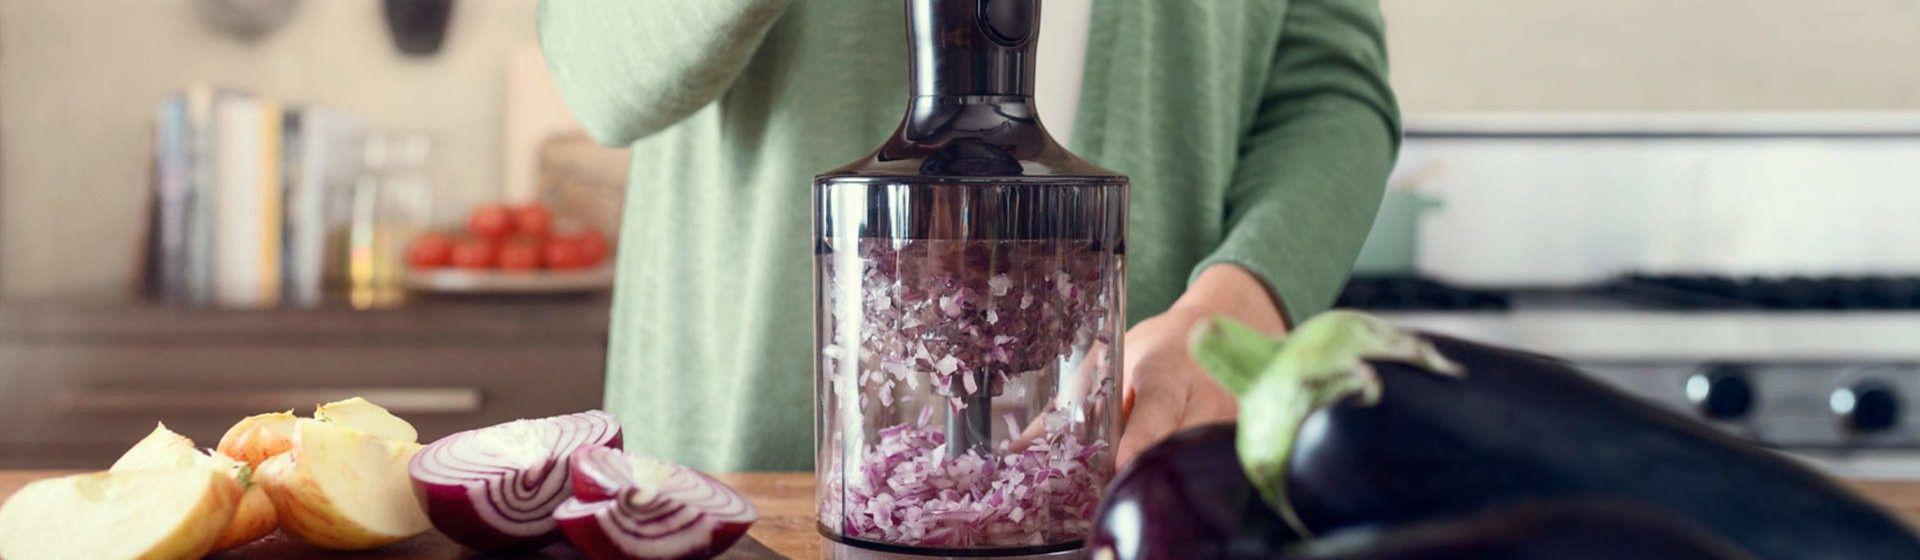 Como usar mixer de mão? Quais alimentos podem ser preparados? Passo a passo + 4 dicas para usar o utensílio